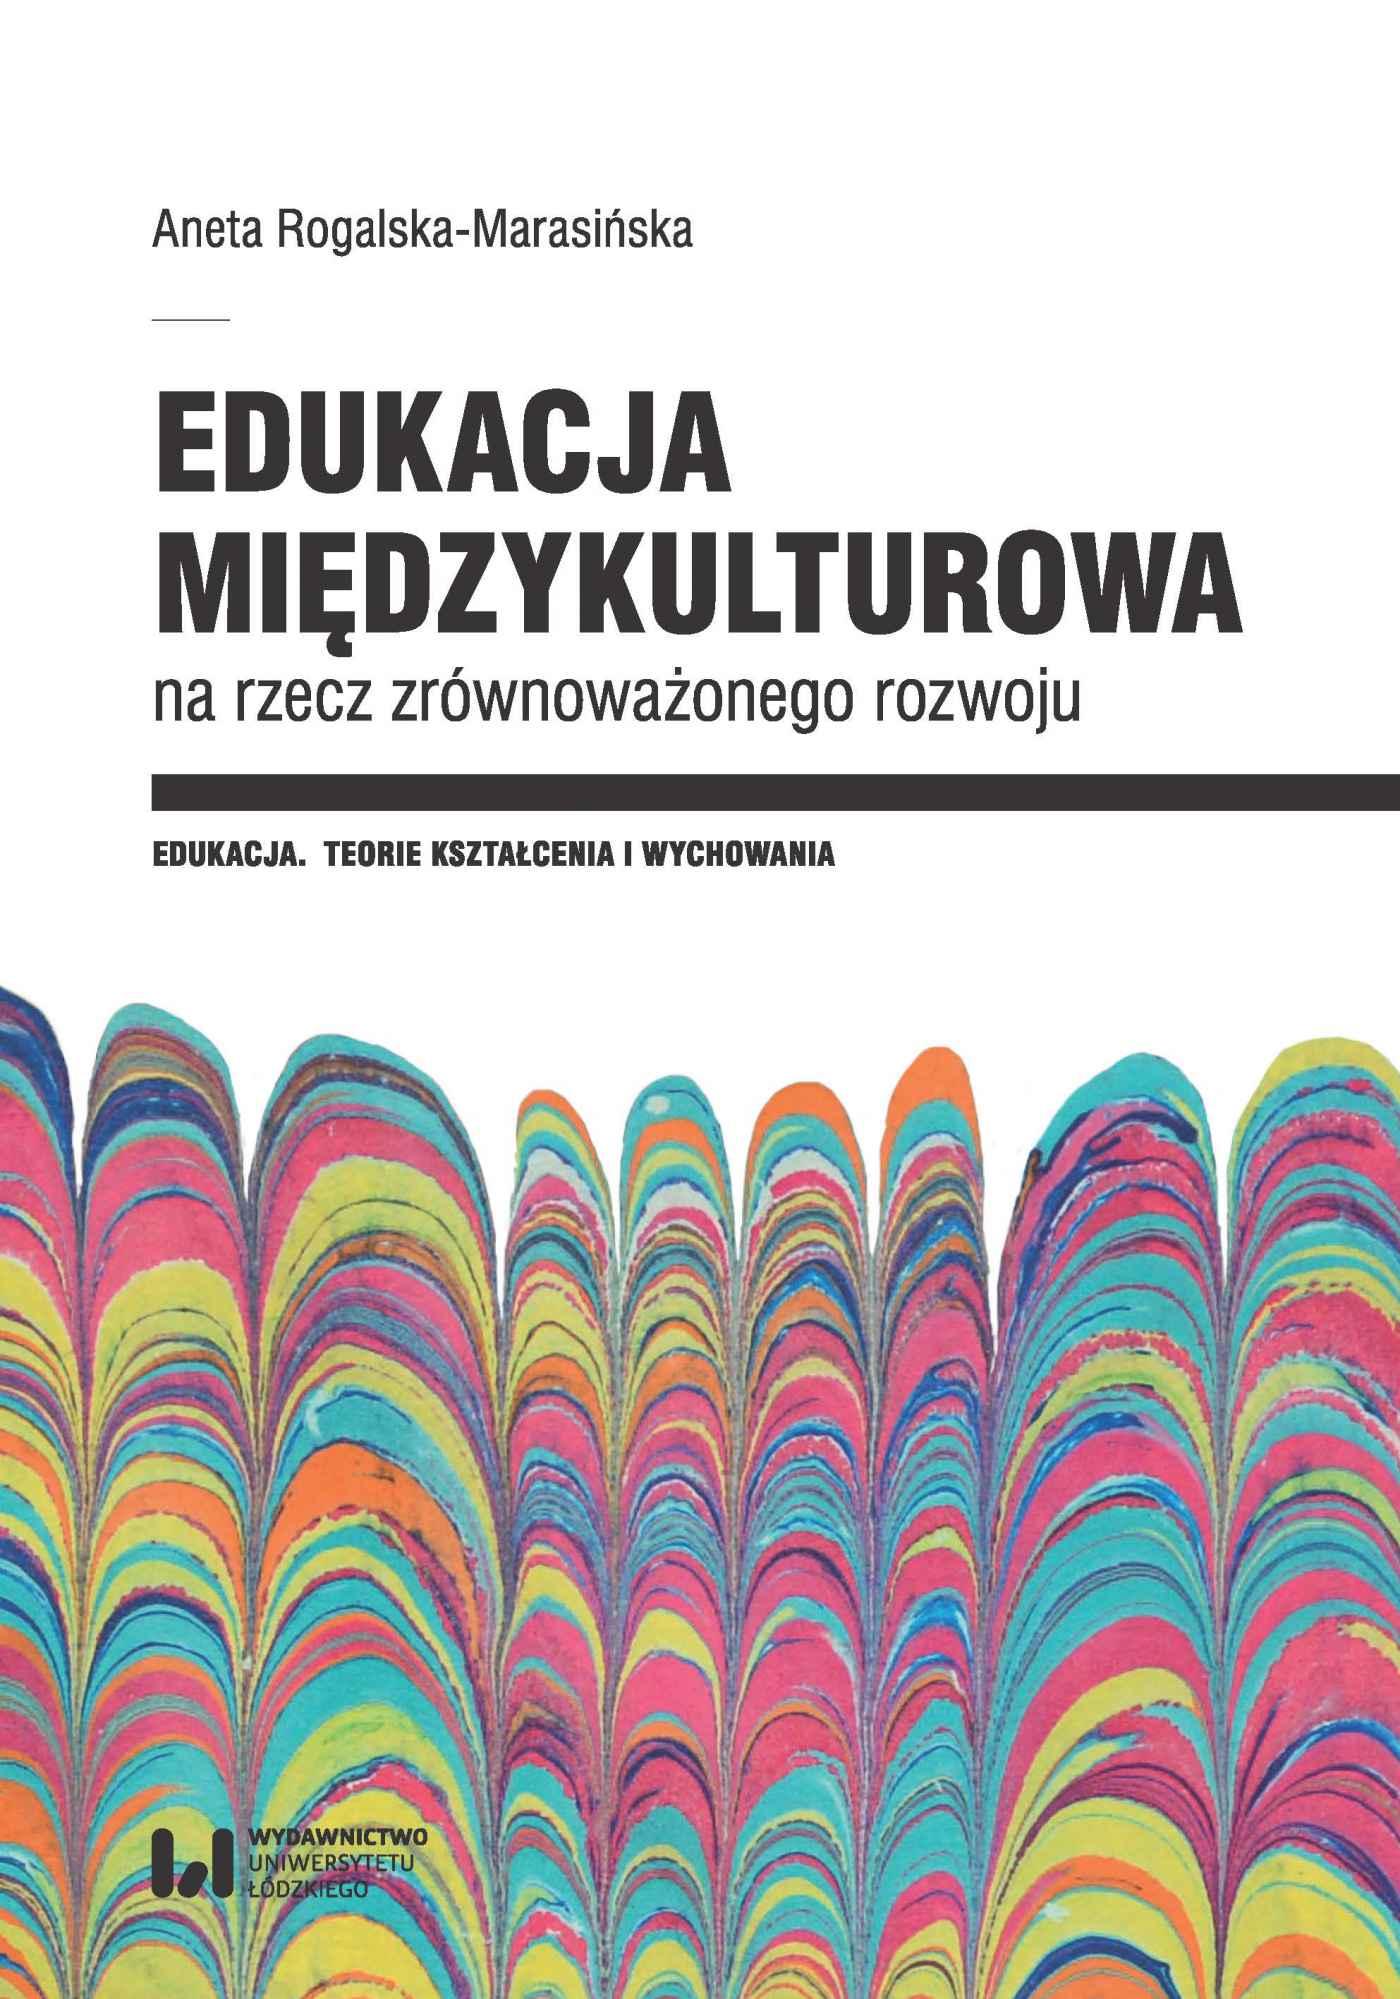 Edukacja międzykulturowa na rzecz zrównoważonego rozwoju - Ebook (Książka PDF) do pobrania w formacie PDF